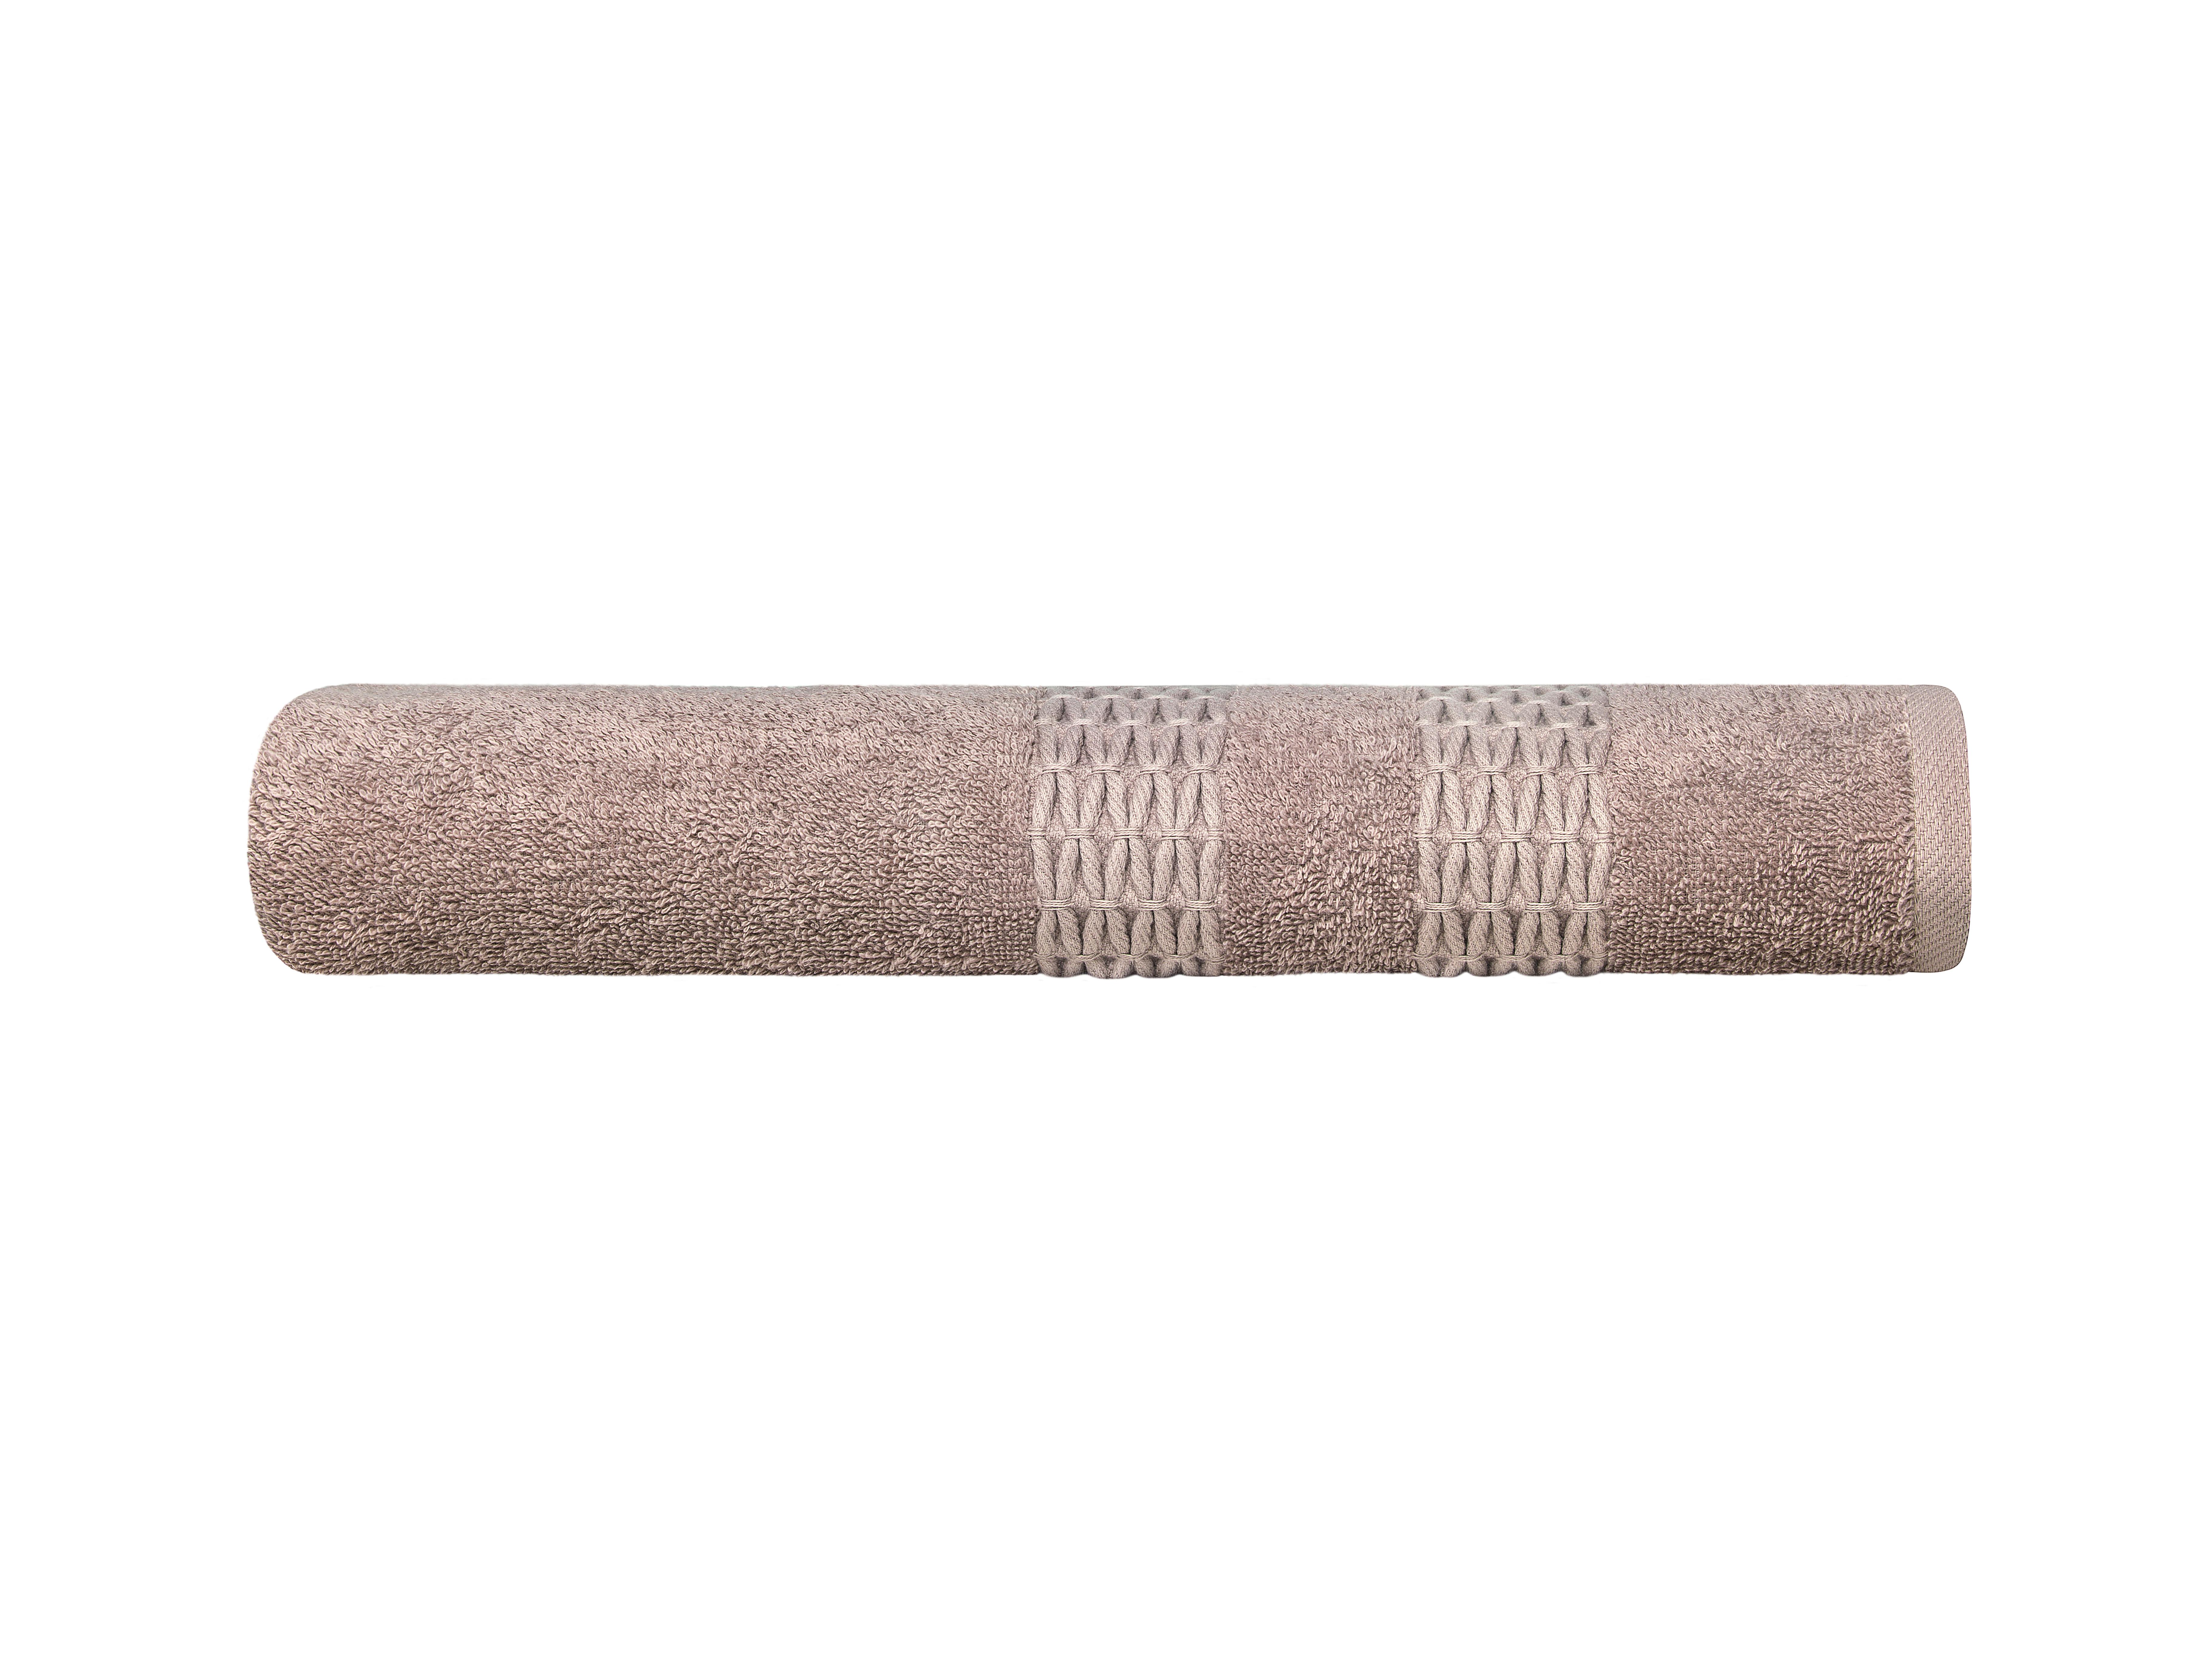 Купить Полотенца ESTIA, Полотенце Филоменто Цвет: Бежевый (70х140 см), Греция, Махра